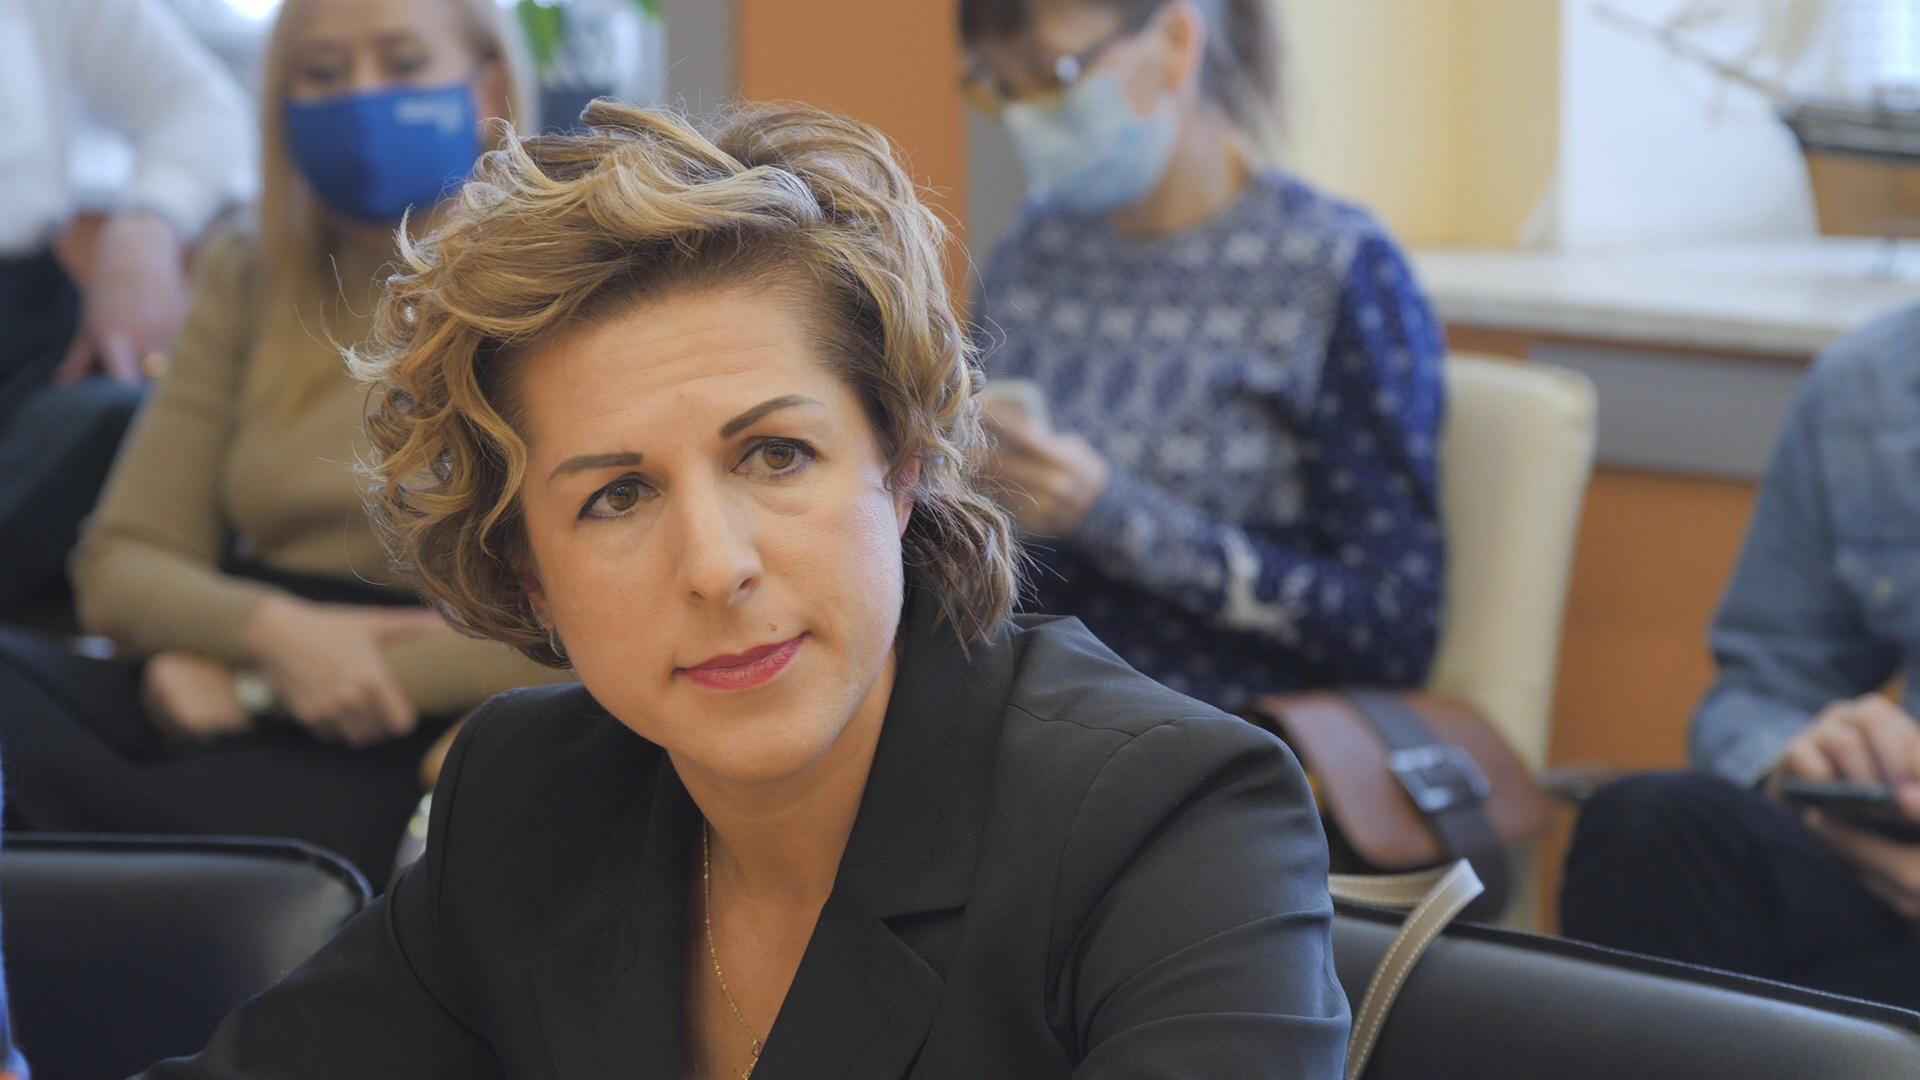 Директор филиала «Теплосбыт» БашРТС предложила платить за отопление в рассрочку